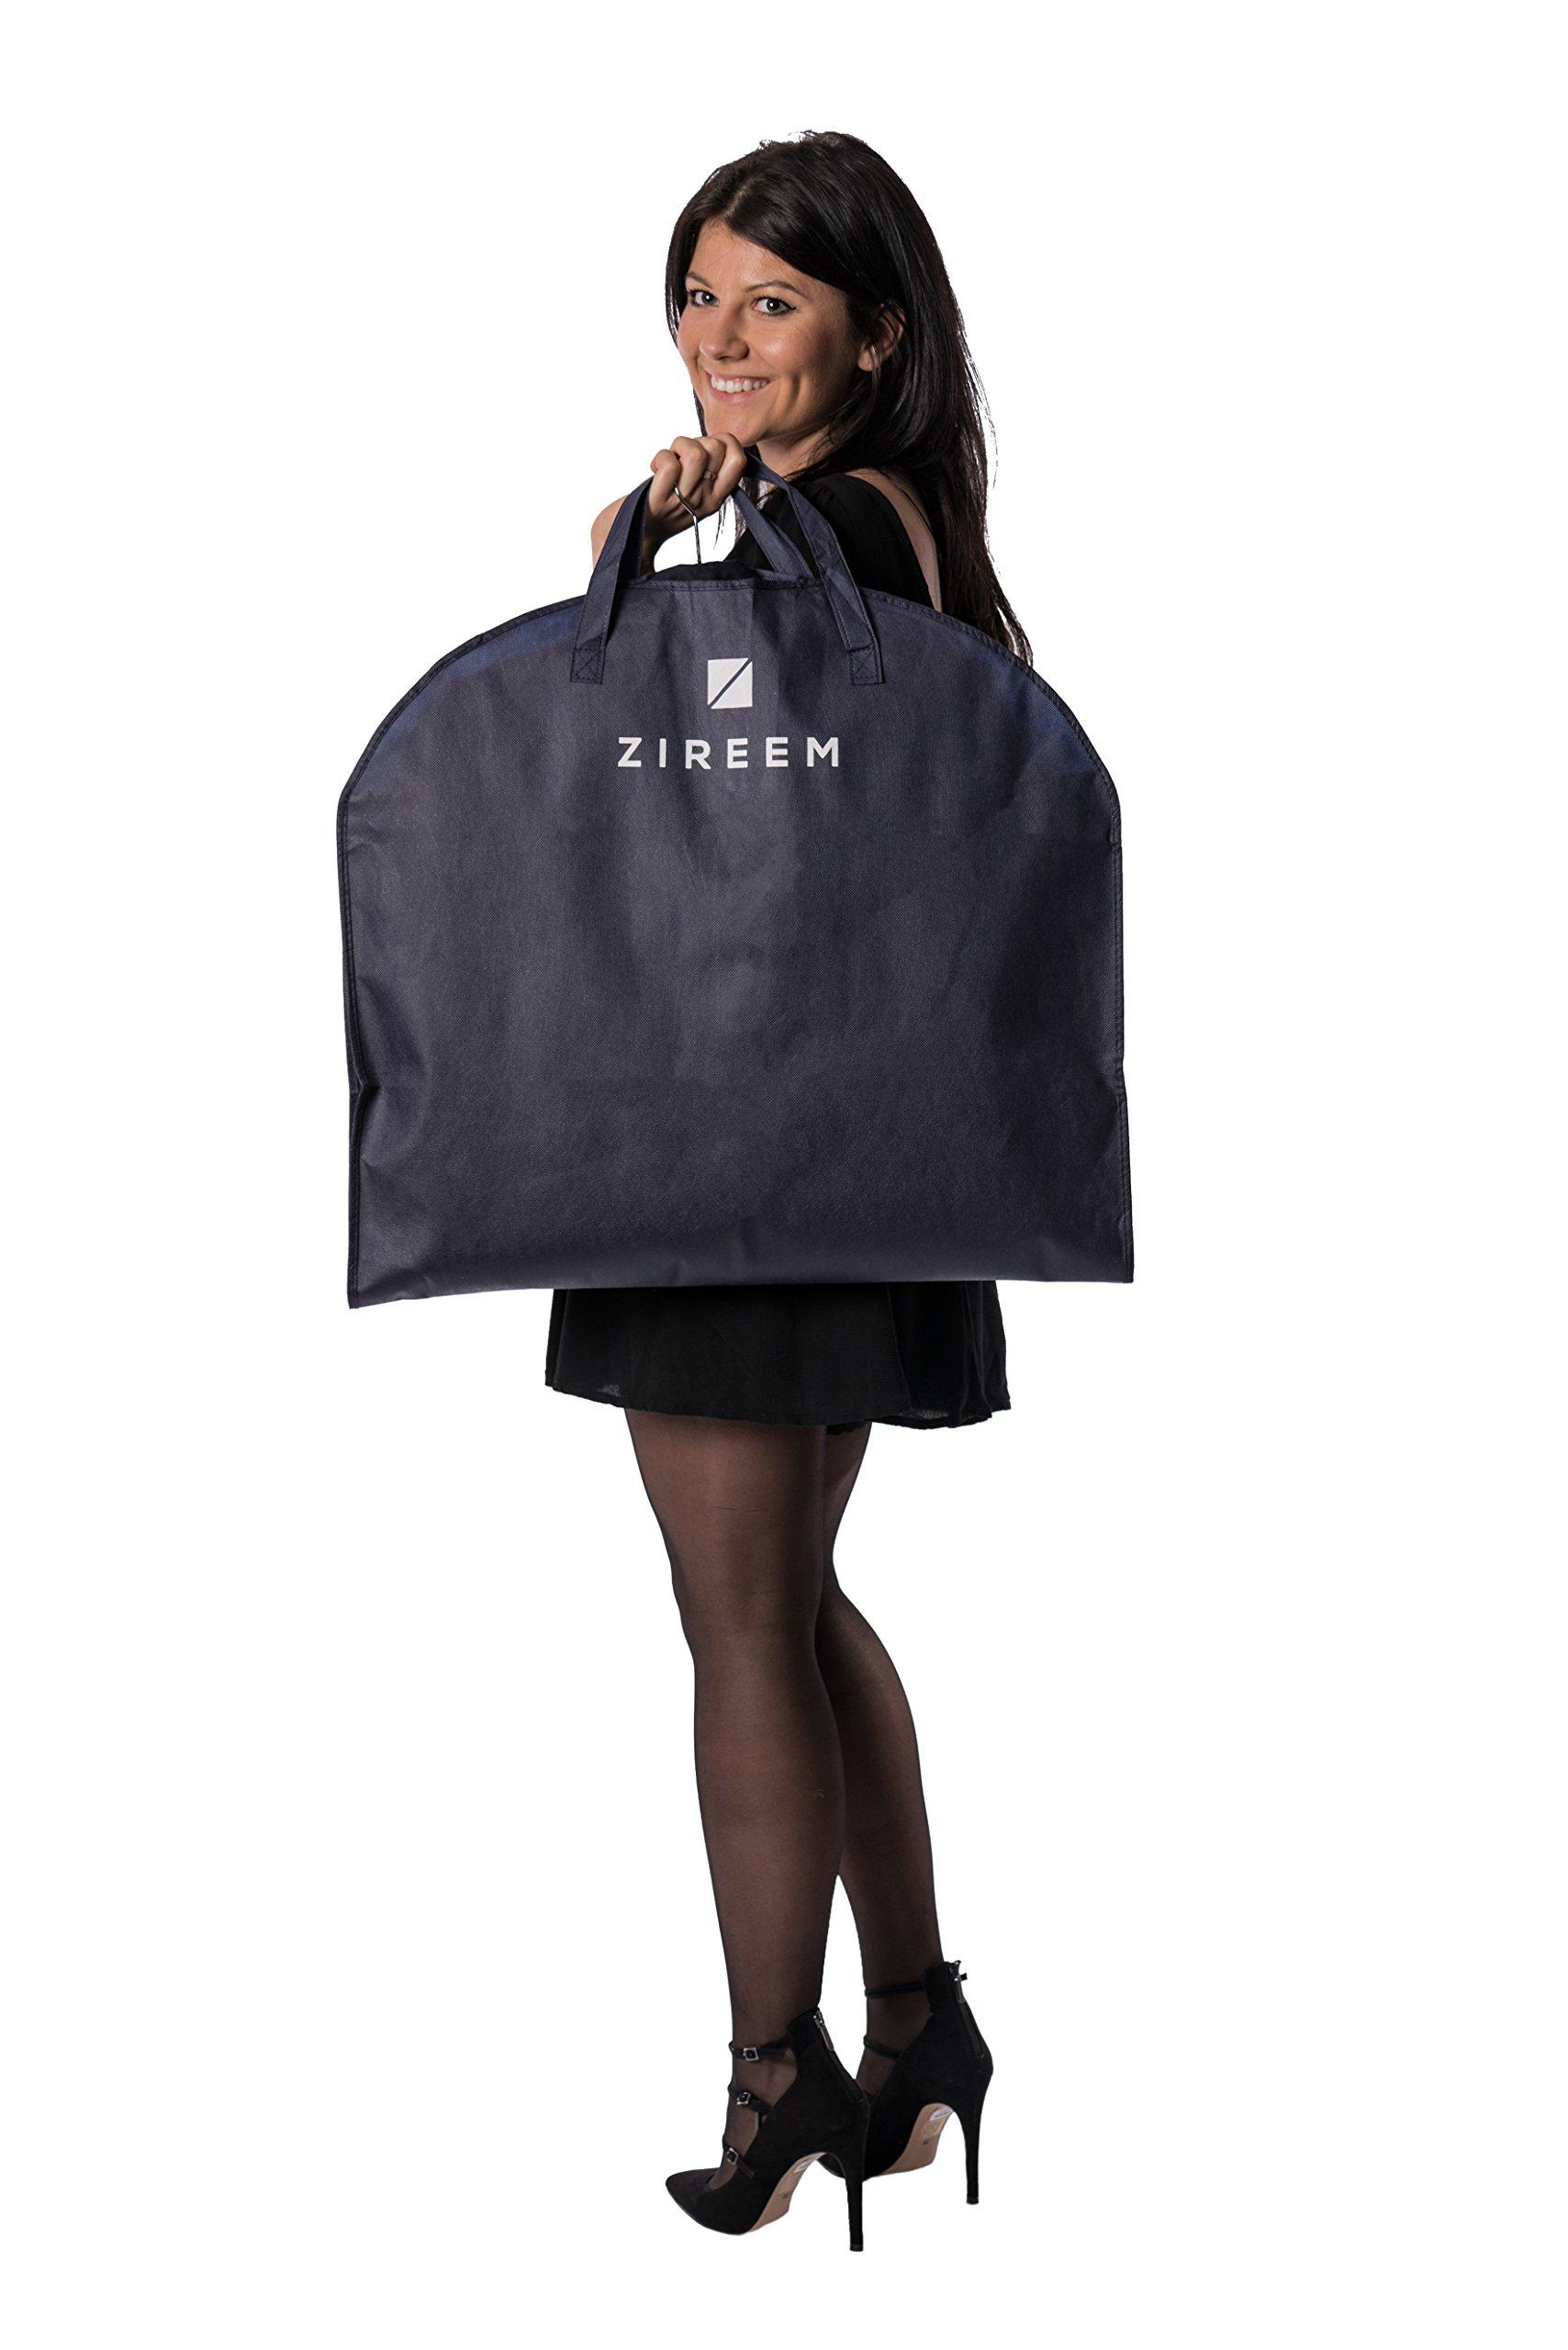 3x Kleidersack von Zireem | inkl. kostenlosem Schuhbeutel & Textilbürste | Premium Stabiler Kleidertasche | Kleiderhülle | Atmungsaktiv | hochwertiger Anzugsack | tiefblau | 110 × 60 cm |